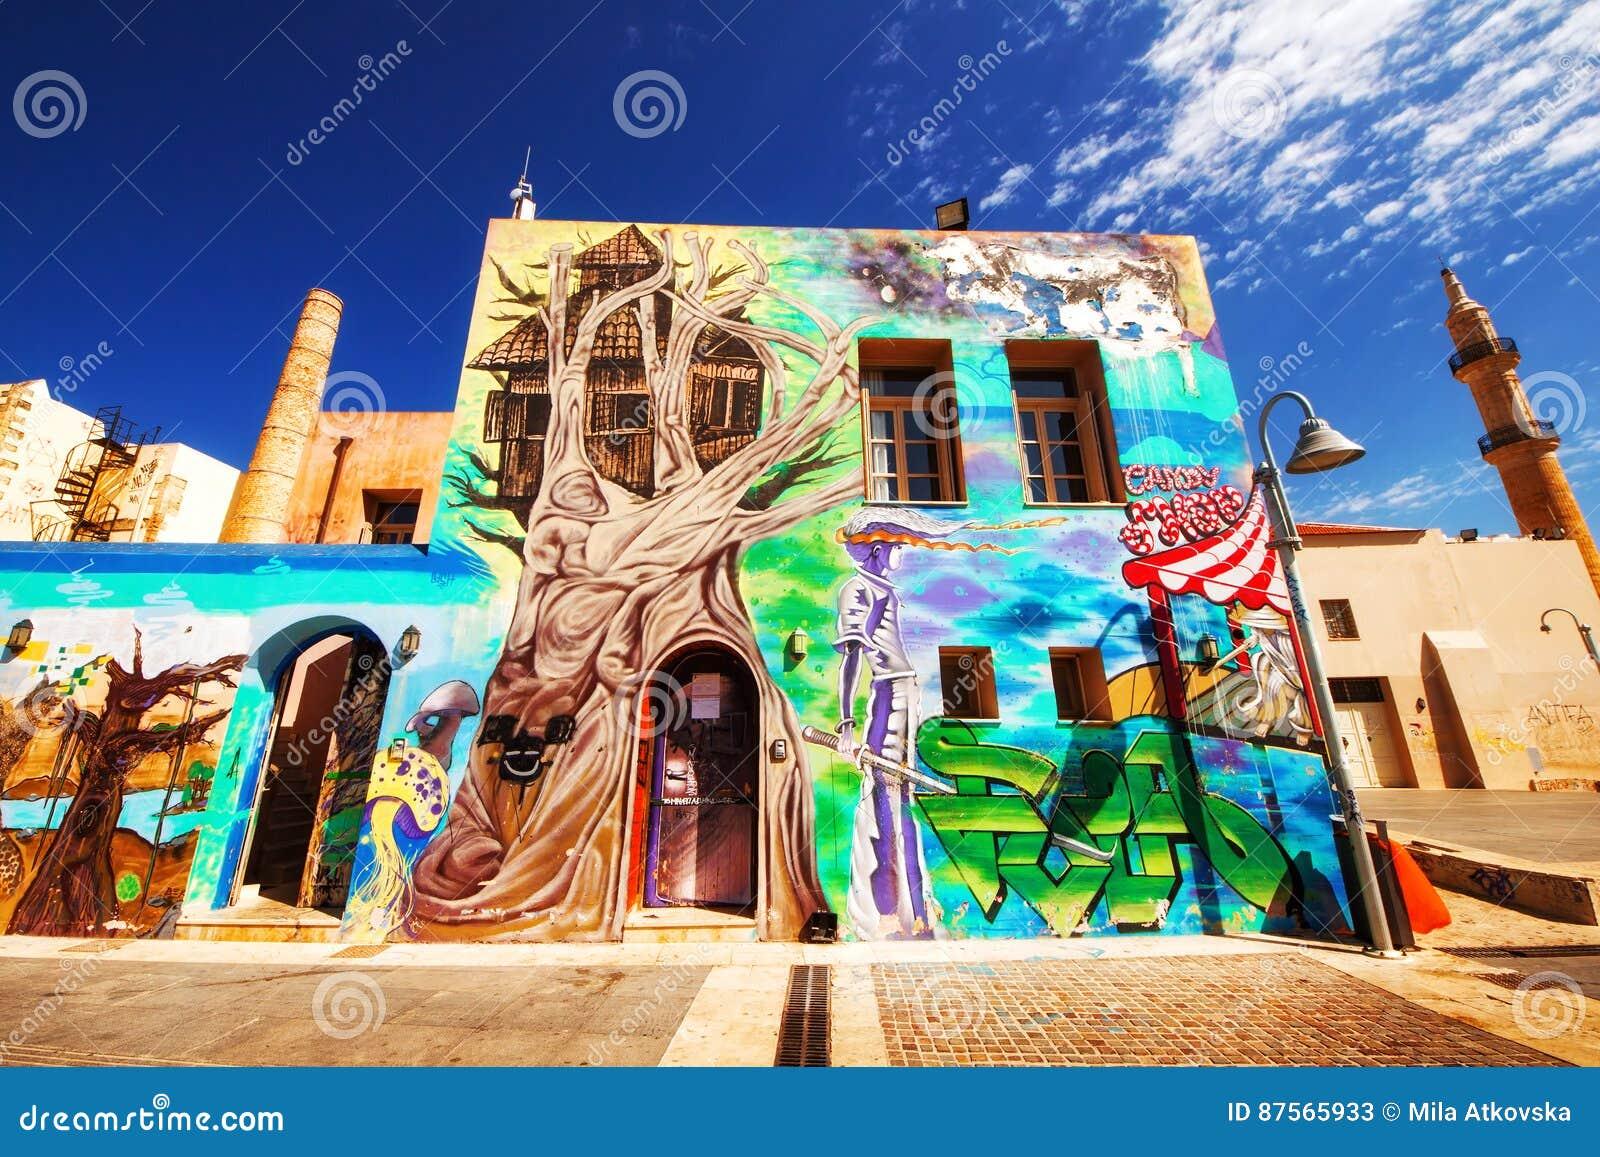 9 9 2016 - Culture Urbaine Dans La Vieille Ville De Rethymno ...